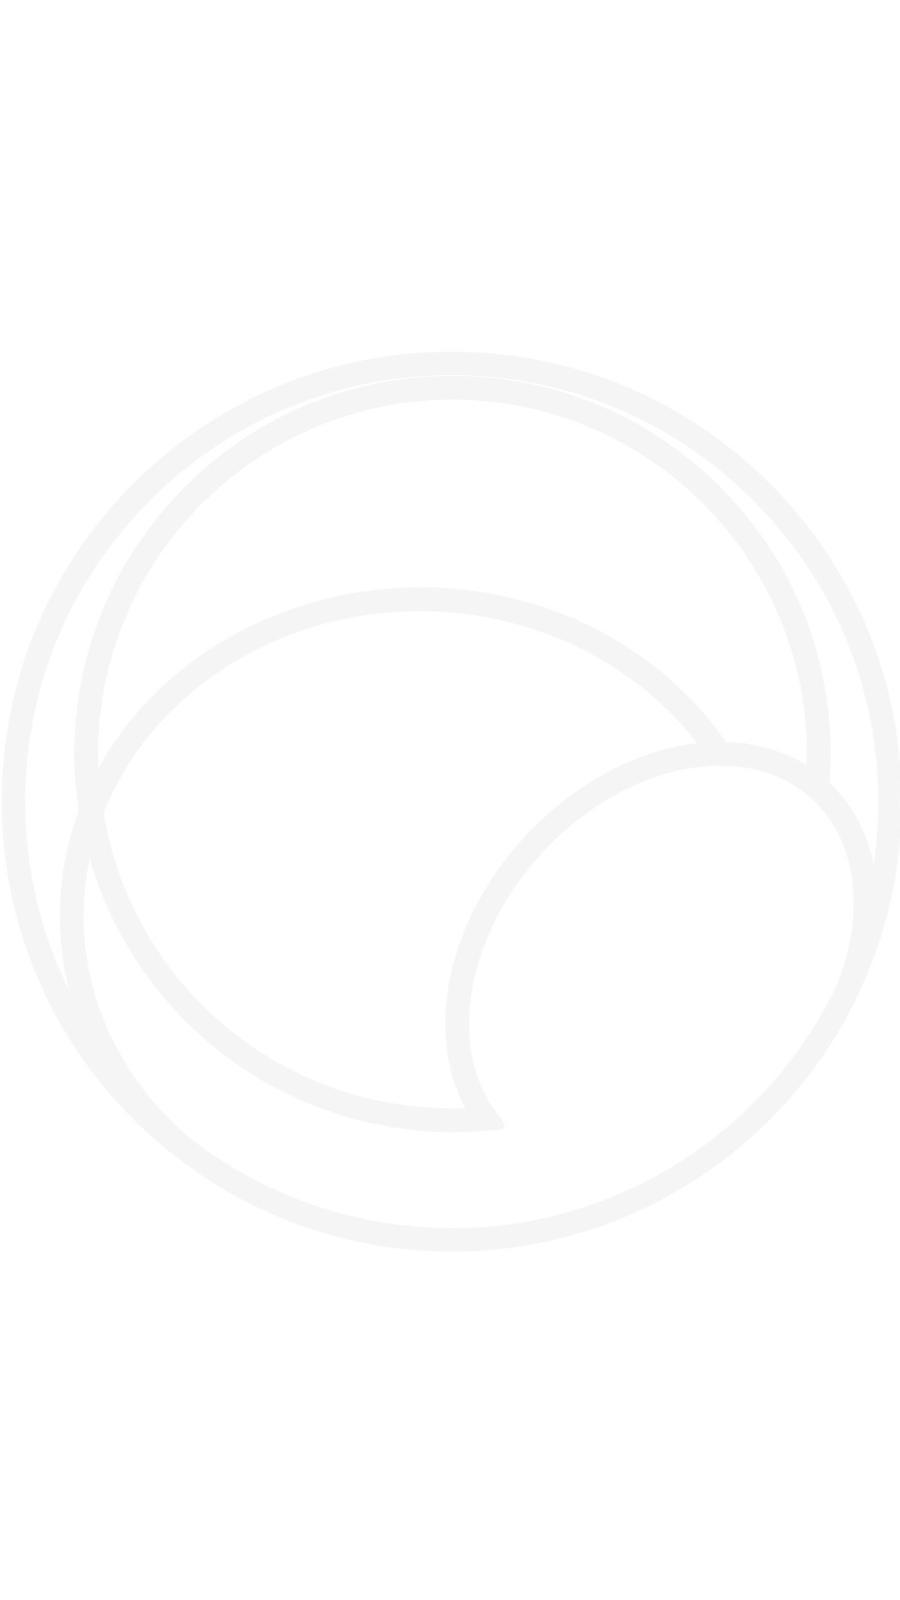 Ary Fontoura recebe vacina contra a covid-19 - Reprodução/Instagram